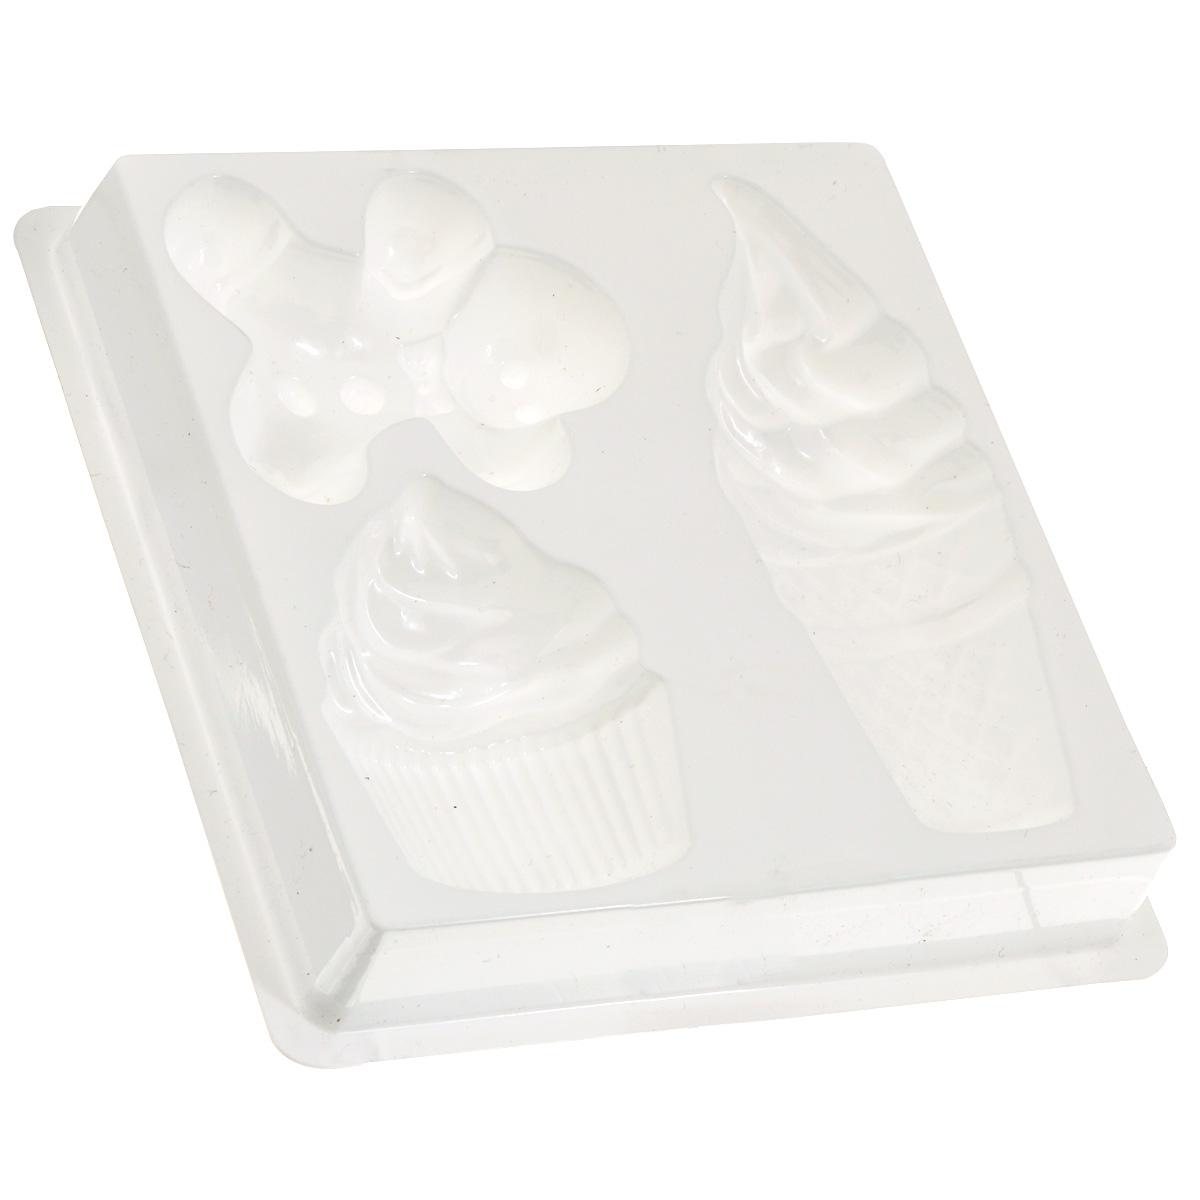 Форма пластиковая профессиональная Десерт, 13 см х 13 см х 2 см, 3 ячейки2700770021165Профессиональная форма Десерт изготовлена из пластика. На одном листе имеется три небольшие формы в виде кекса, мороженого и пряничного человечка, которые удобно расположены на подложке, поэтому лист надежно стоит на столе и с ним очень удобно работать. Изделие предназначено для изготовления мыла, массажных плиток, шоколадных конфет, плавающих свечей и используется при проведении мастер-классов, в работе с детьми (т.к. мыло быстро застывает и ребенок очень быстро увидит готовый результат). Общий размер формы: 13 см х 13 см х 2 см. Размер формы кекса: 5 см х 6 см х 1,2 см. Размер формы мороженого: 4 см х 10,5 см х 1,2 см. Размер формы пряничного человечка: 6 см х 5 см х 1,3 см. УВАЖАЕМЫЕ КЛИЕНТЫ! Обращаем ваше внимание, что возможно изменение в цвете товара.